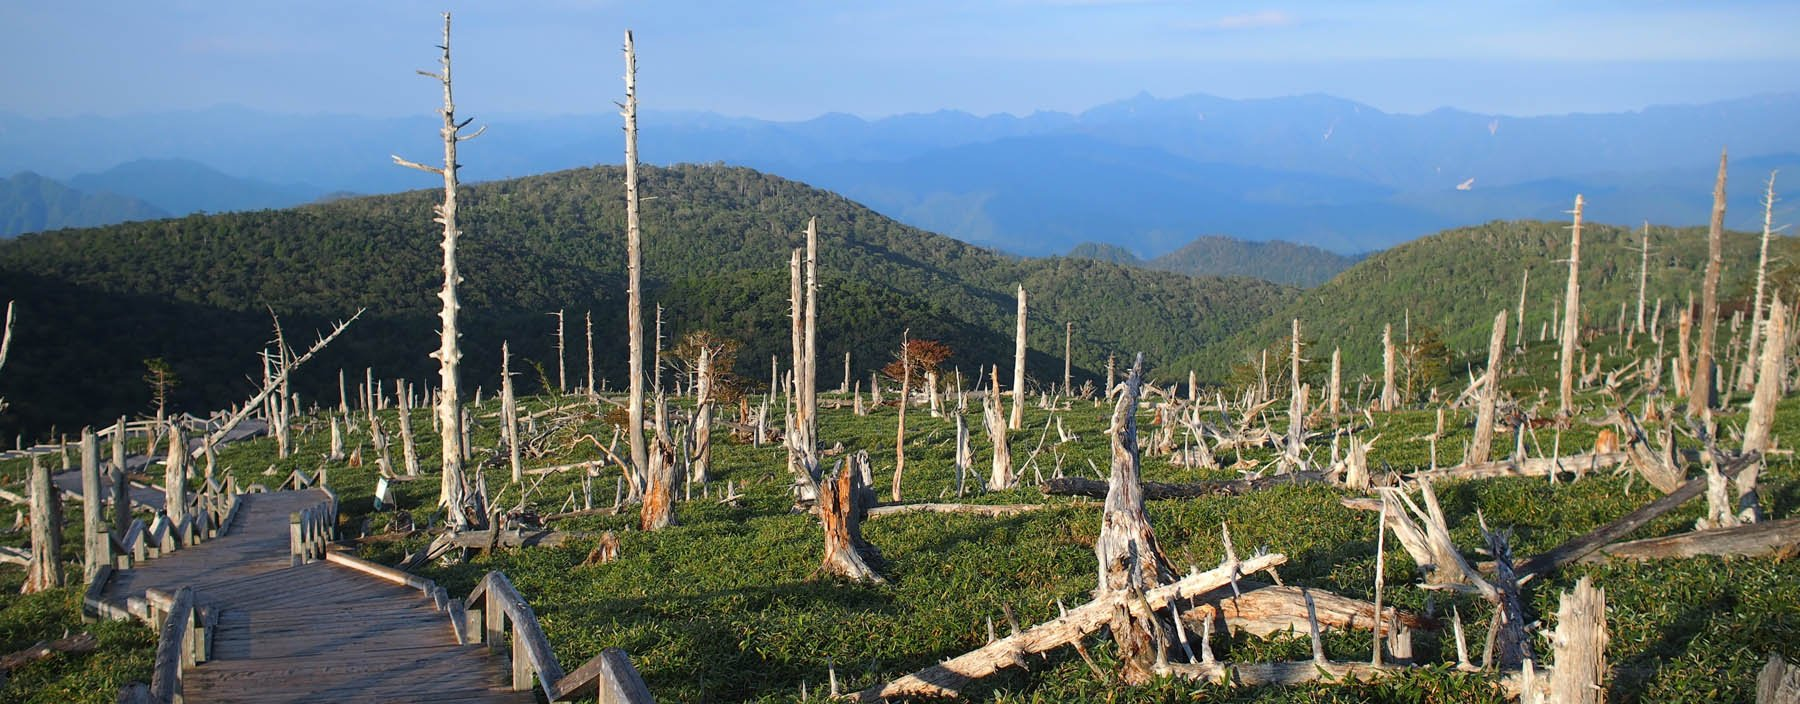 jp, yoshino-kumano national park (1).jpg